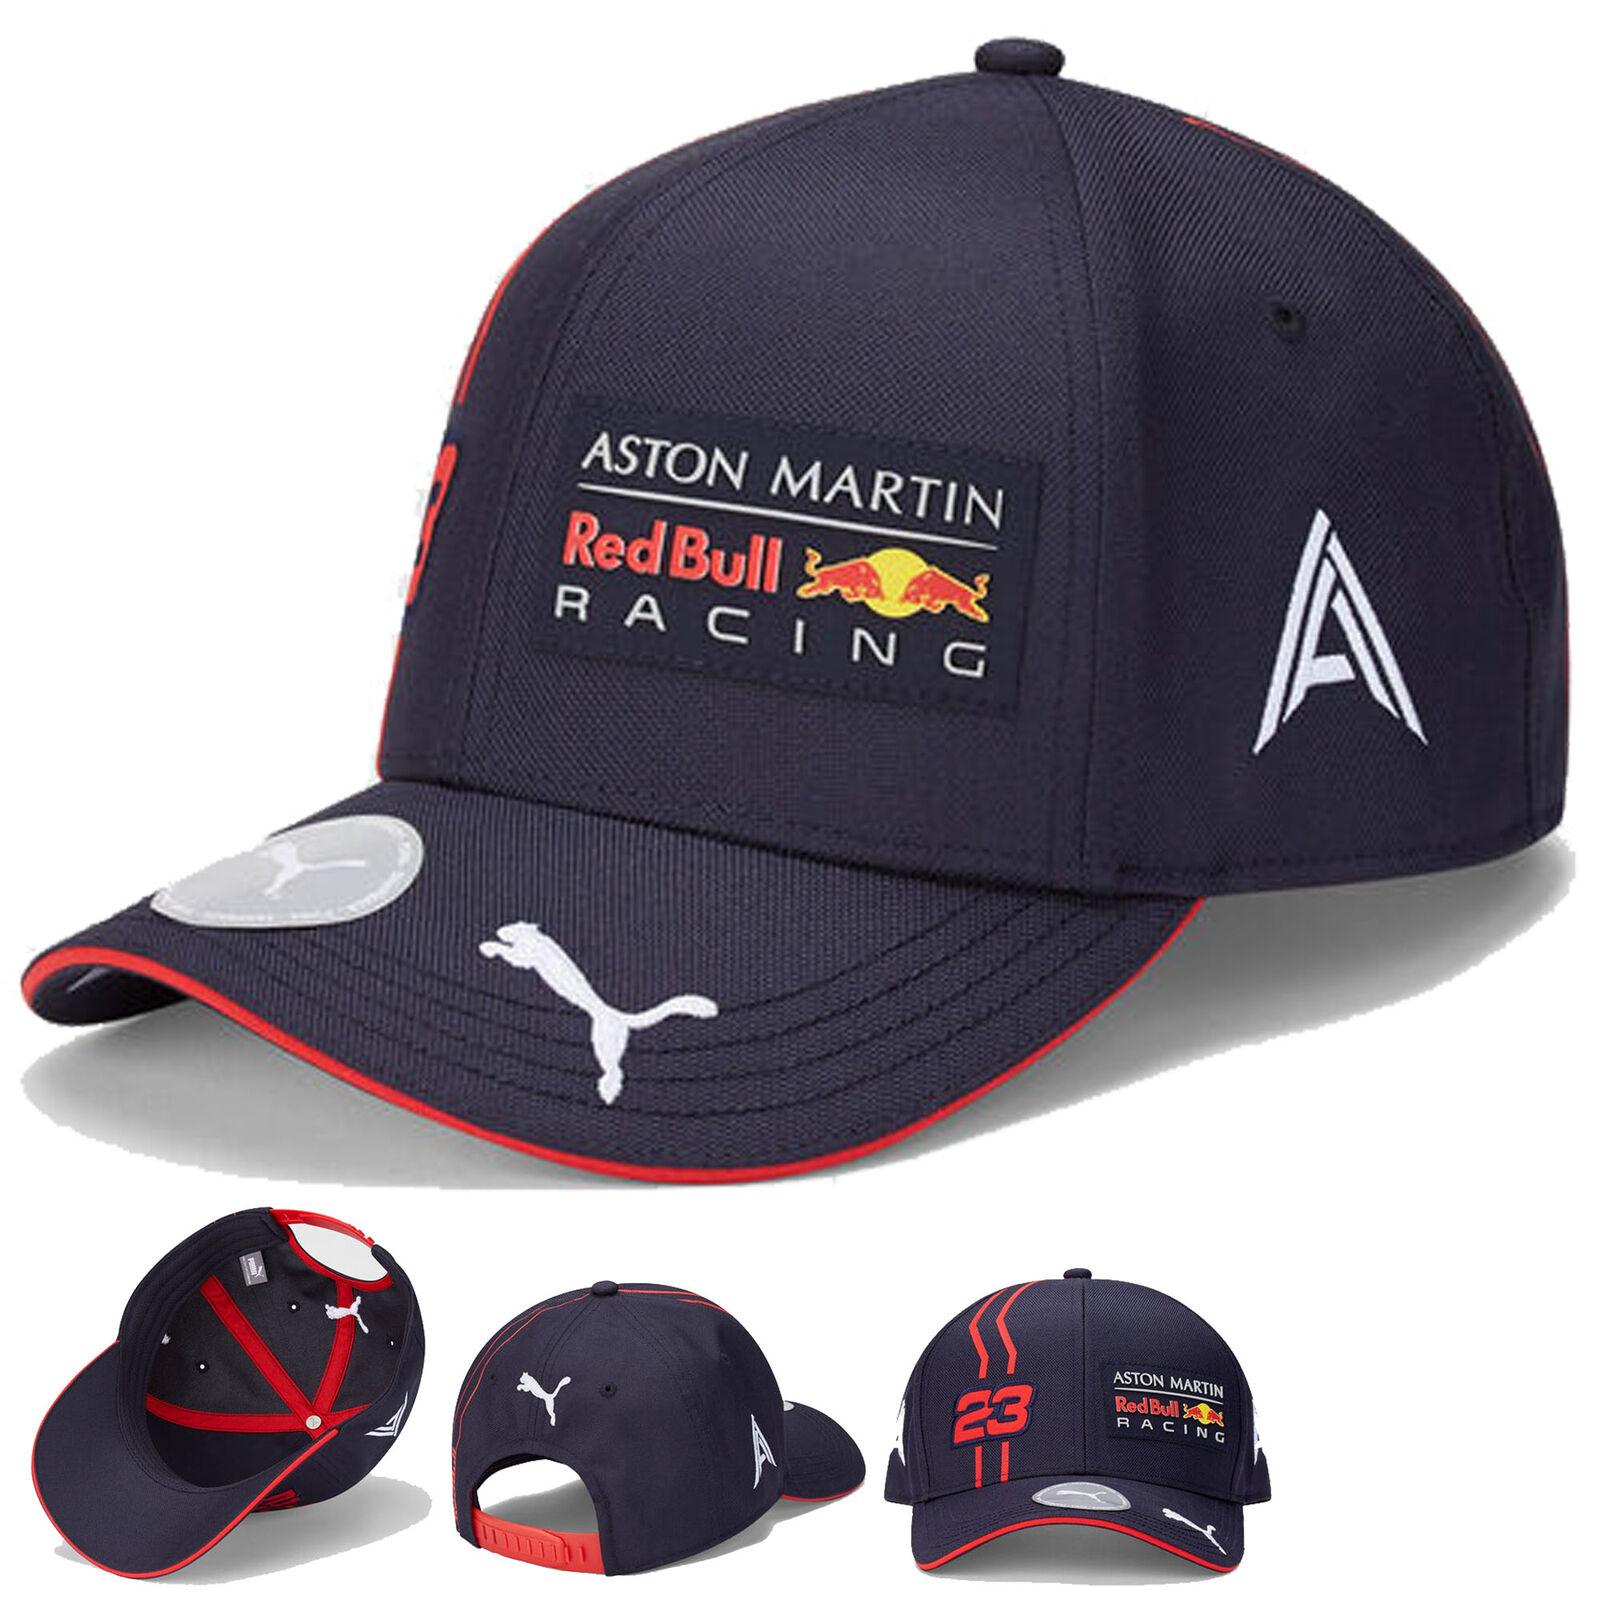 ★送料無料★Aston Martin Red Bull Racing Team Cap Alex Albon アストン マーチン レッドブルー キャップ 帽子 ネイビー アレクサンダー・アルボン